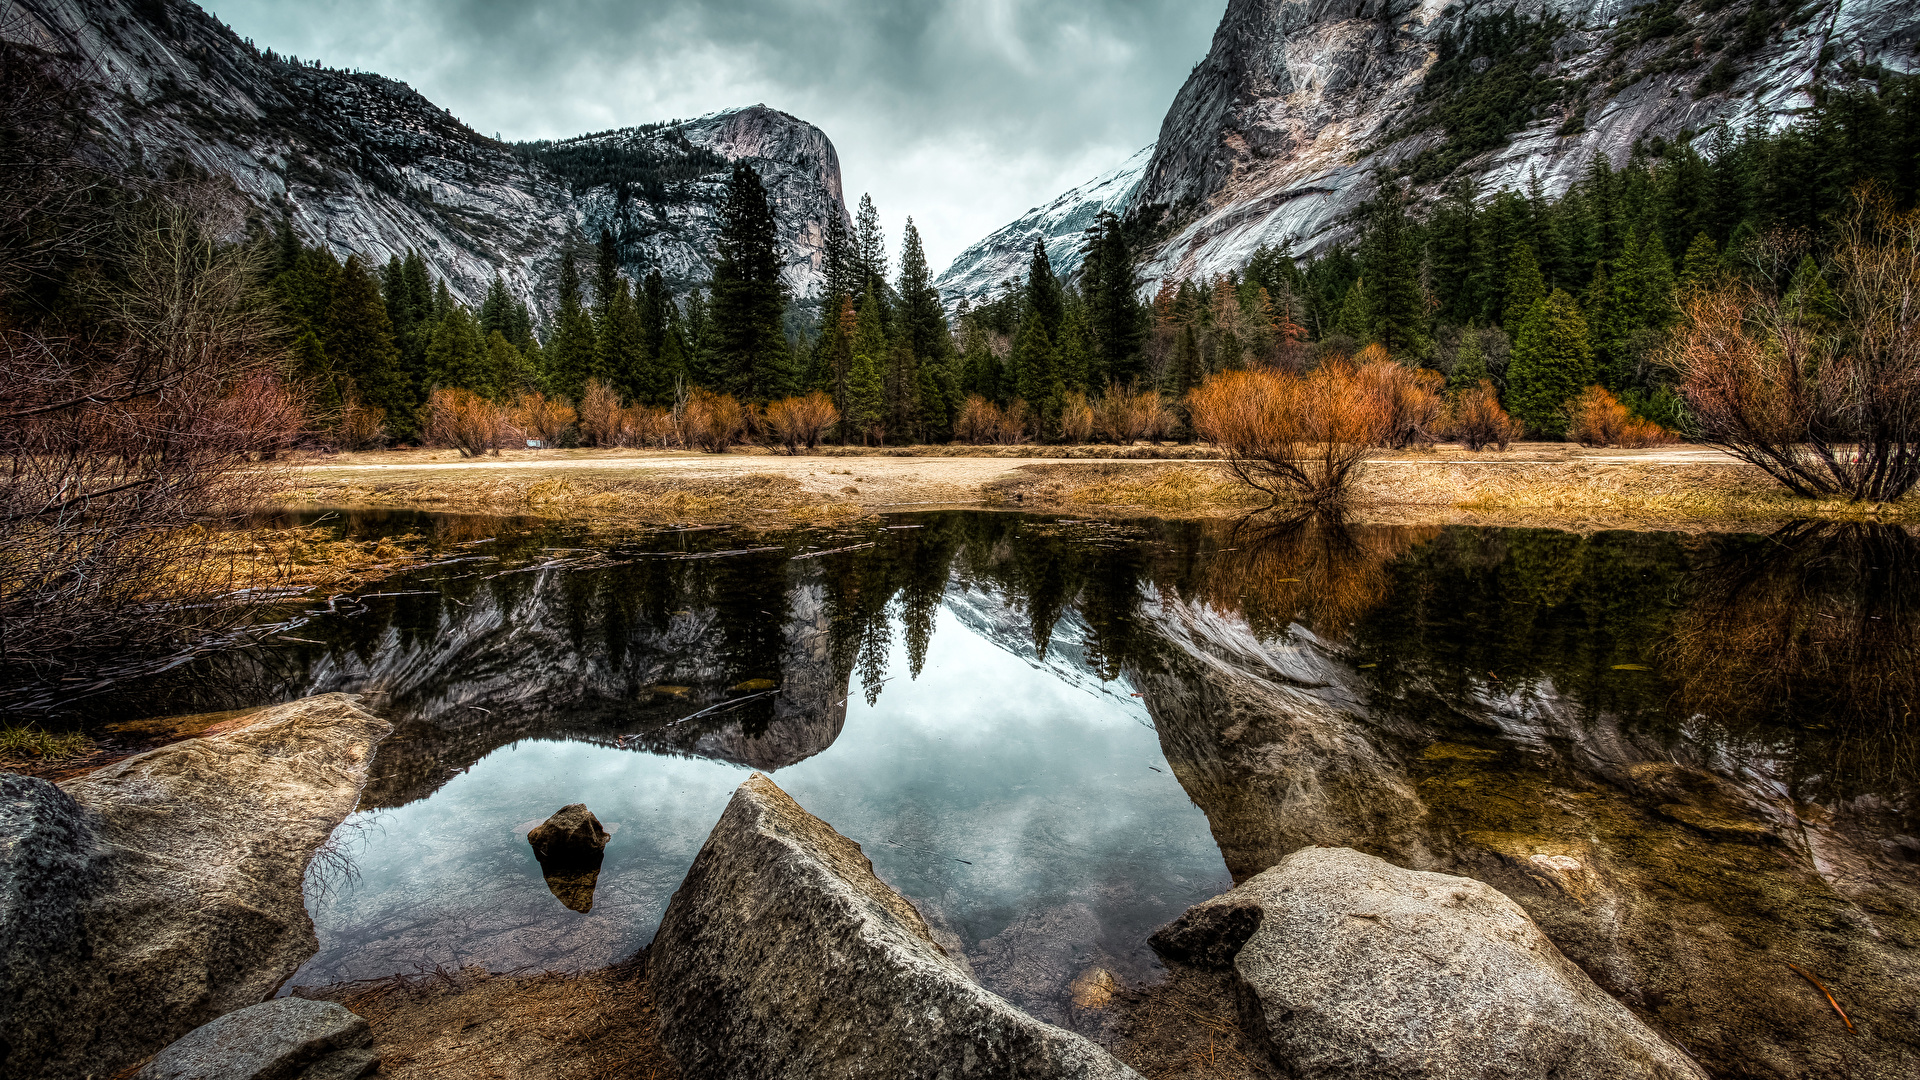 Картинки Йосемити Калифорния США гора Осень Природа парк Леса Озеро Пейзаж Камни 1920x1080 калифорнии штаты Горы осенние лес Парки Камень